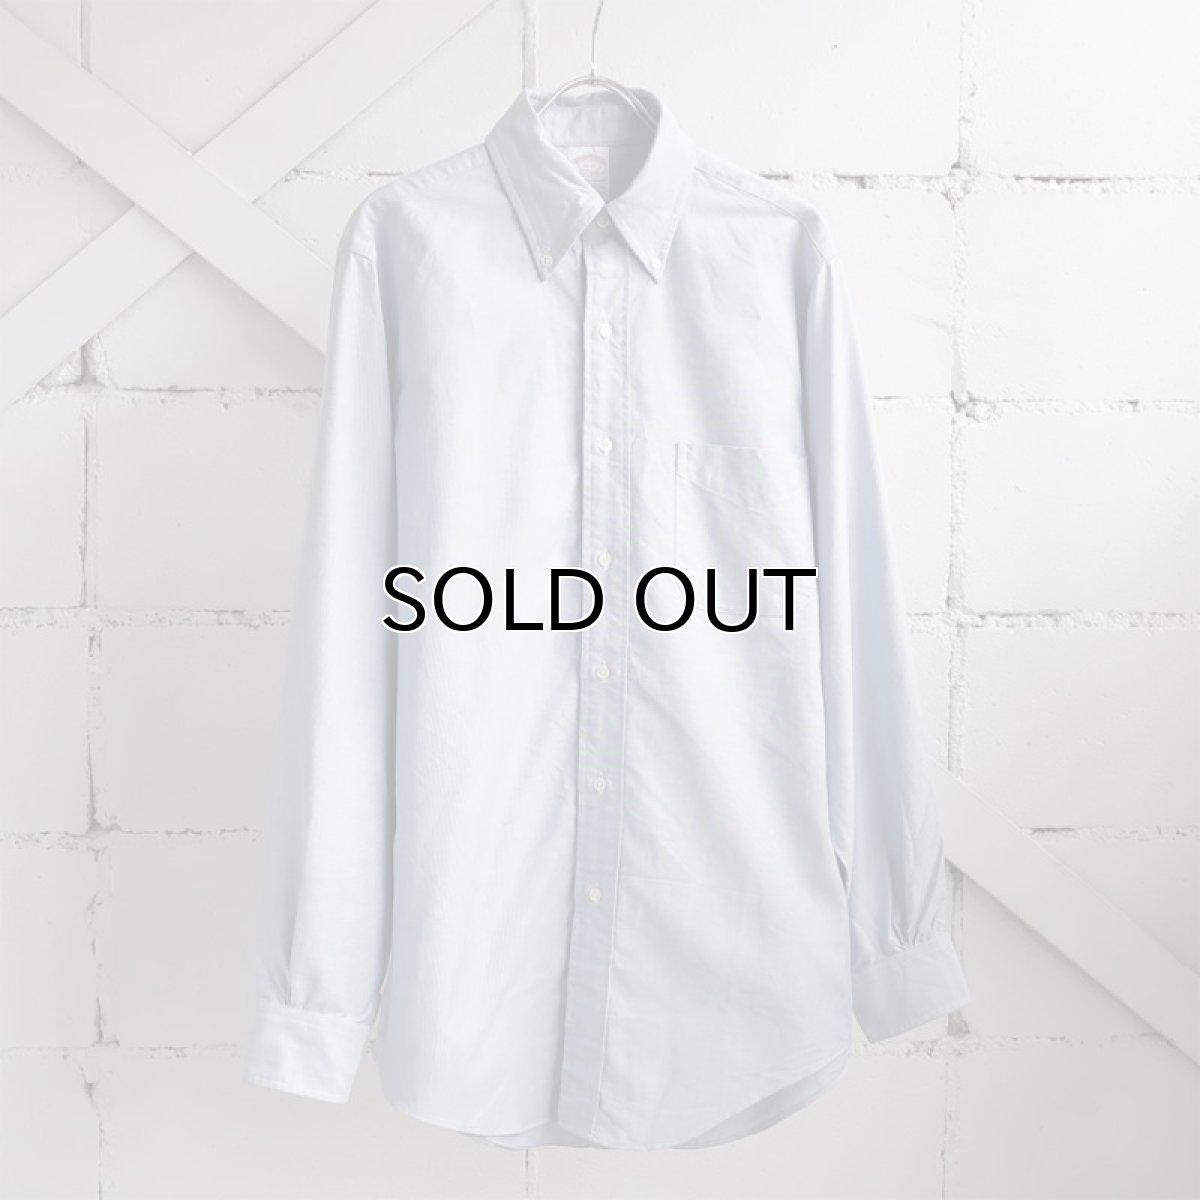 """画像1: 1990's """"Brooks Brothers"""" Supima Cotton Oxford B.D. Shirt SAX BLUE size M-L (1)"""